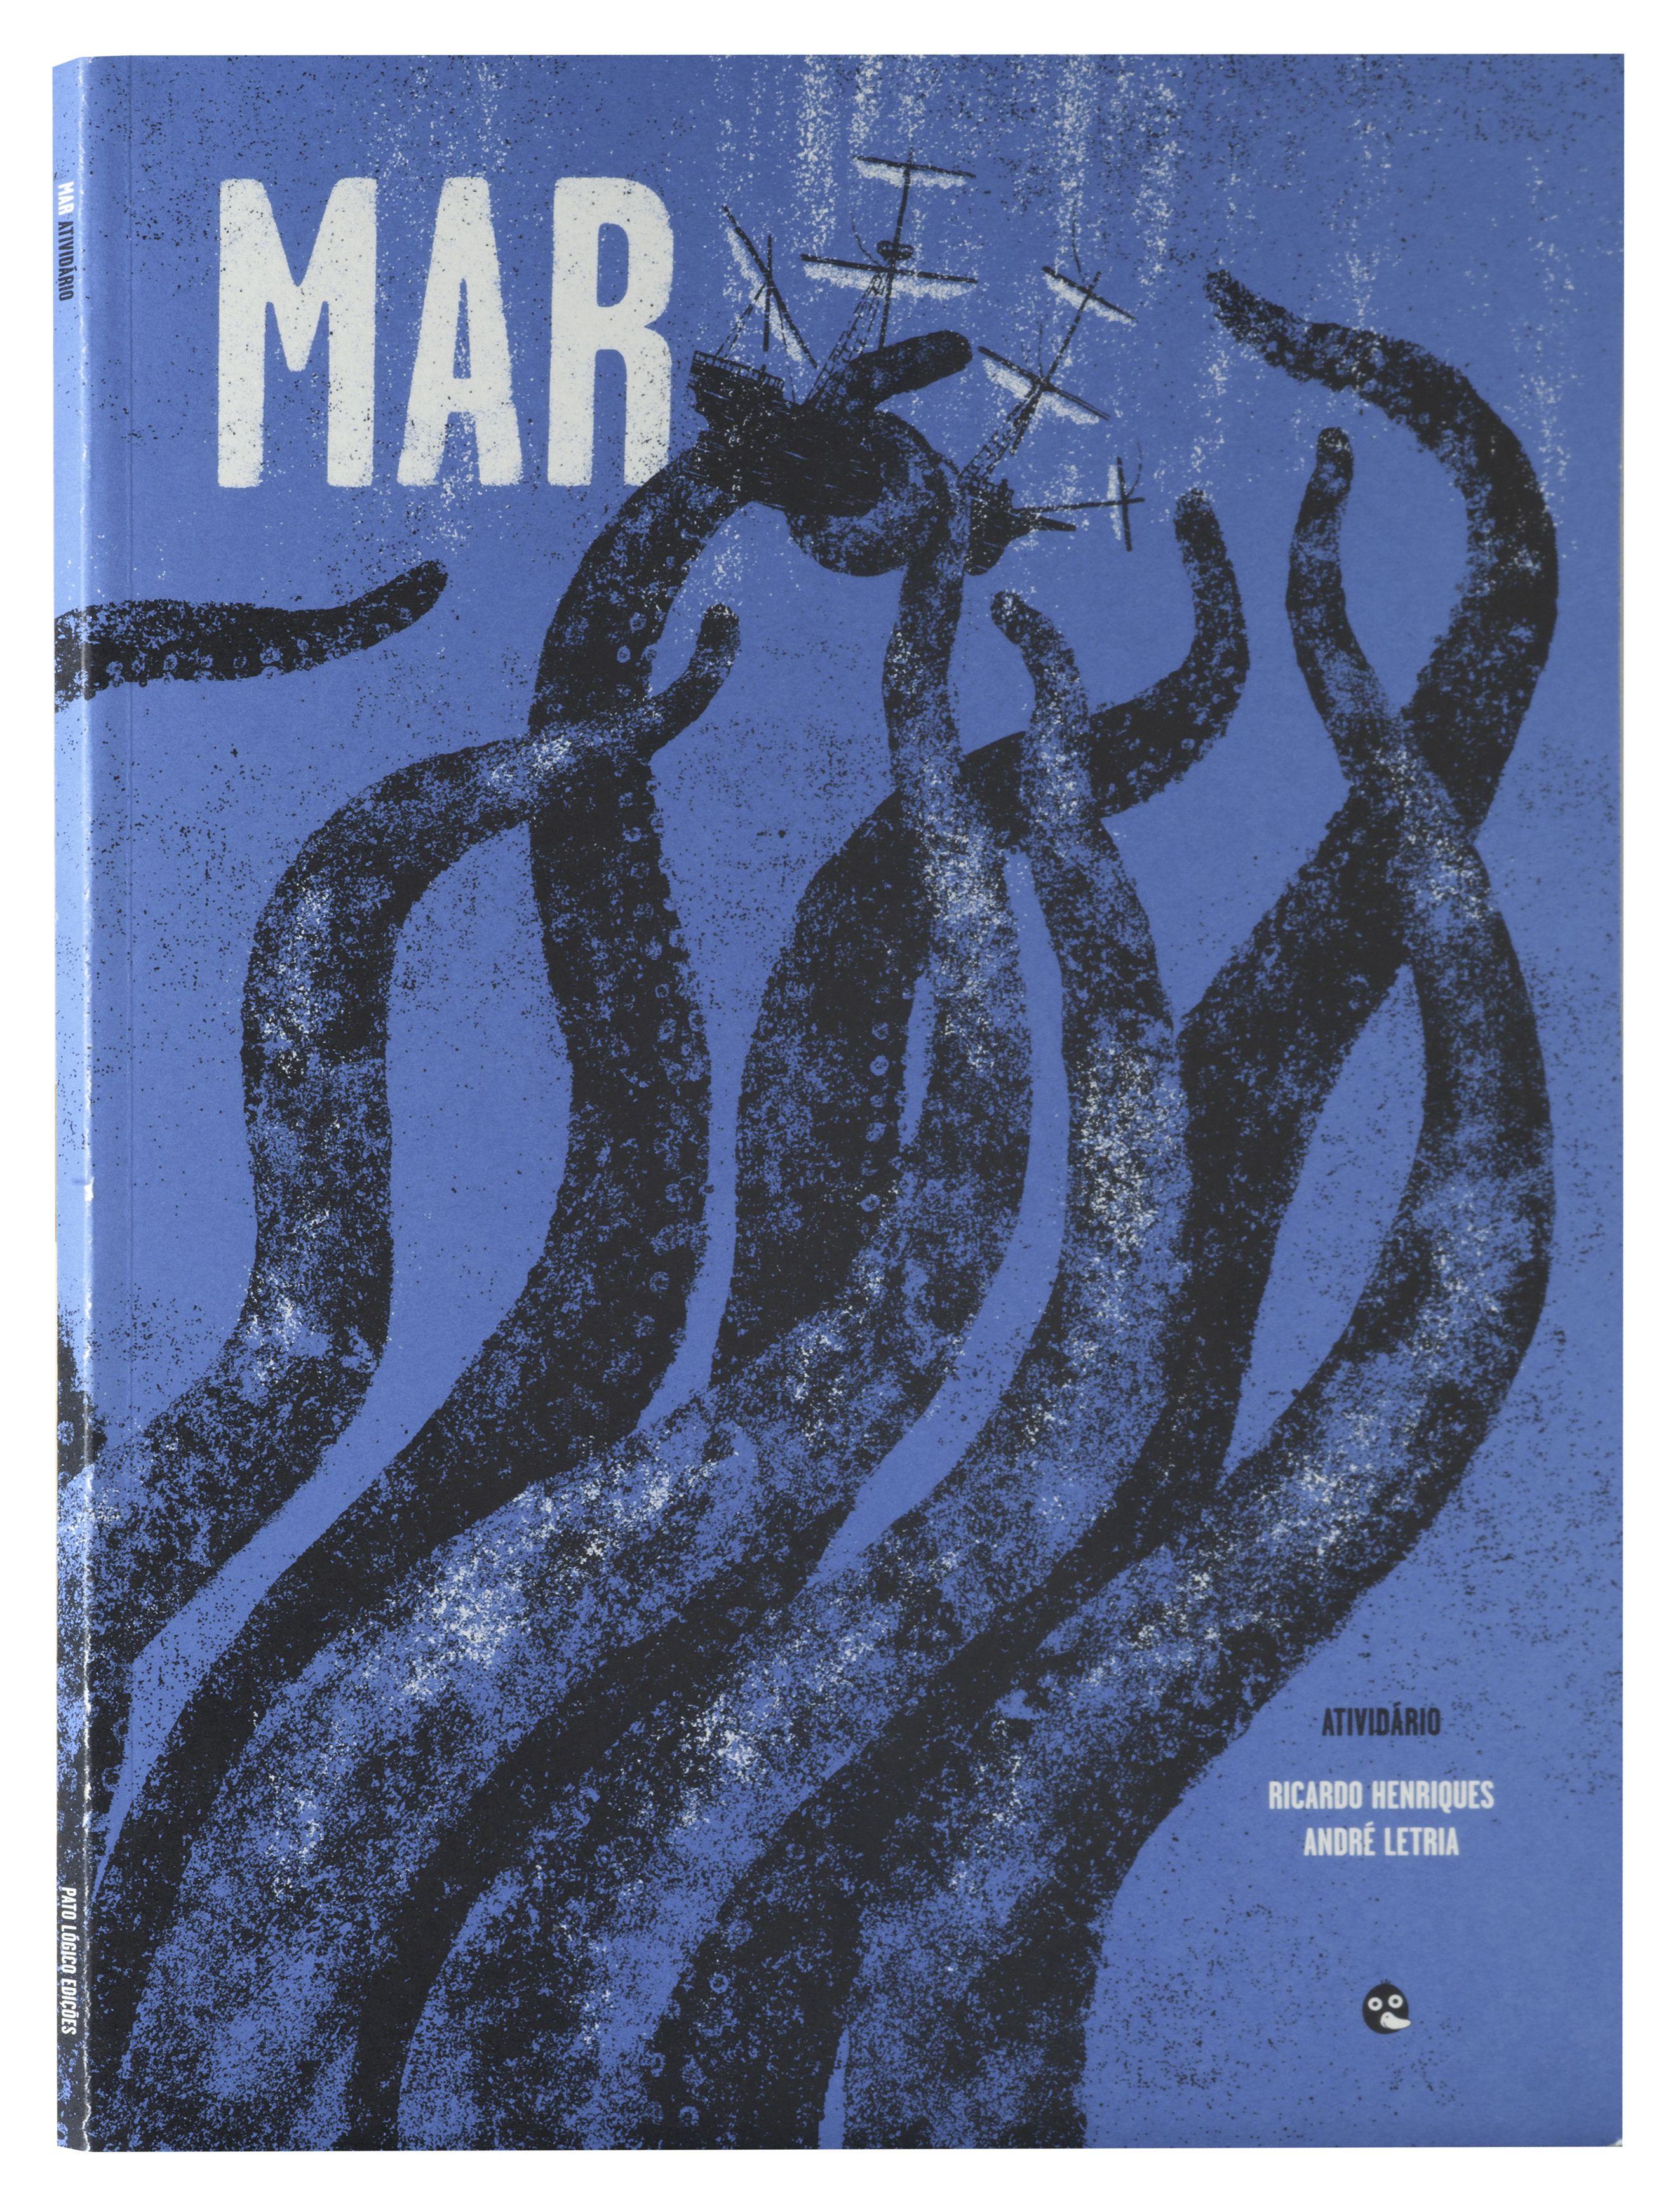 Mar testo di Ricardo Henriques, illustrazioni di André Letria Pato ...